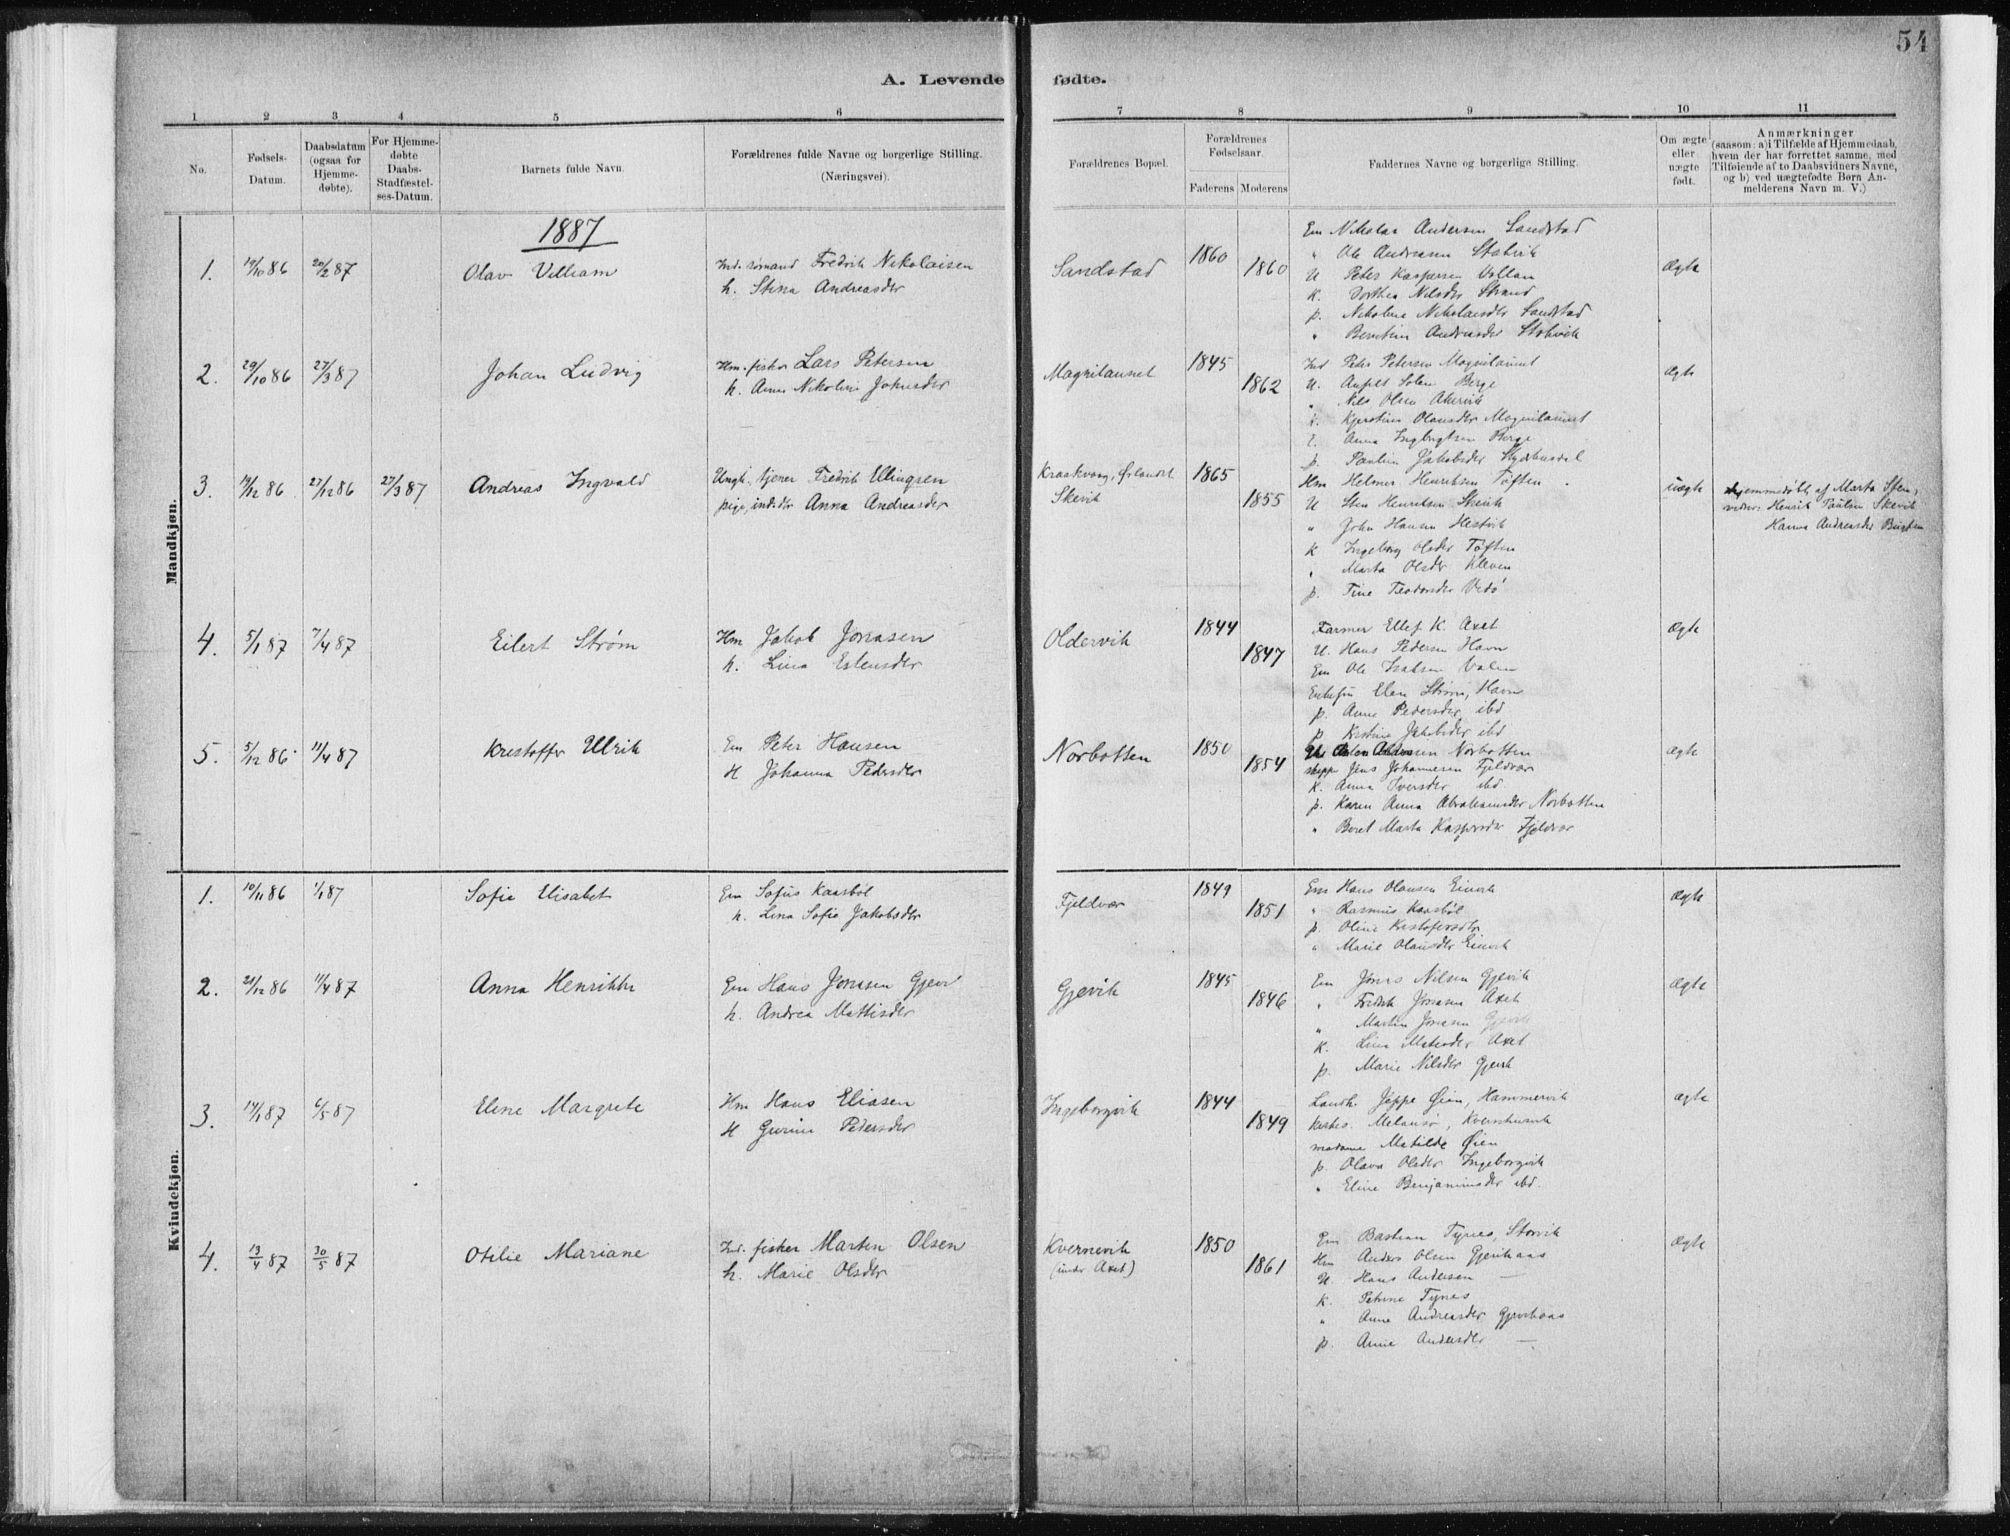 SAT, Ministerialprotokoller, klokkerbøker og fødselsregistre - Sør-Trøndelag, 637/L0558: Ministerialbok nr. 637A01, 1882-1899, s. 54